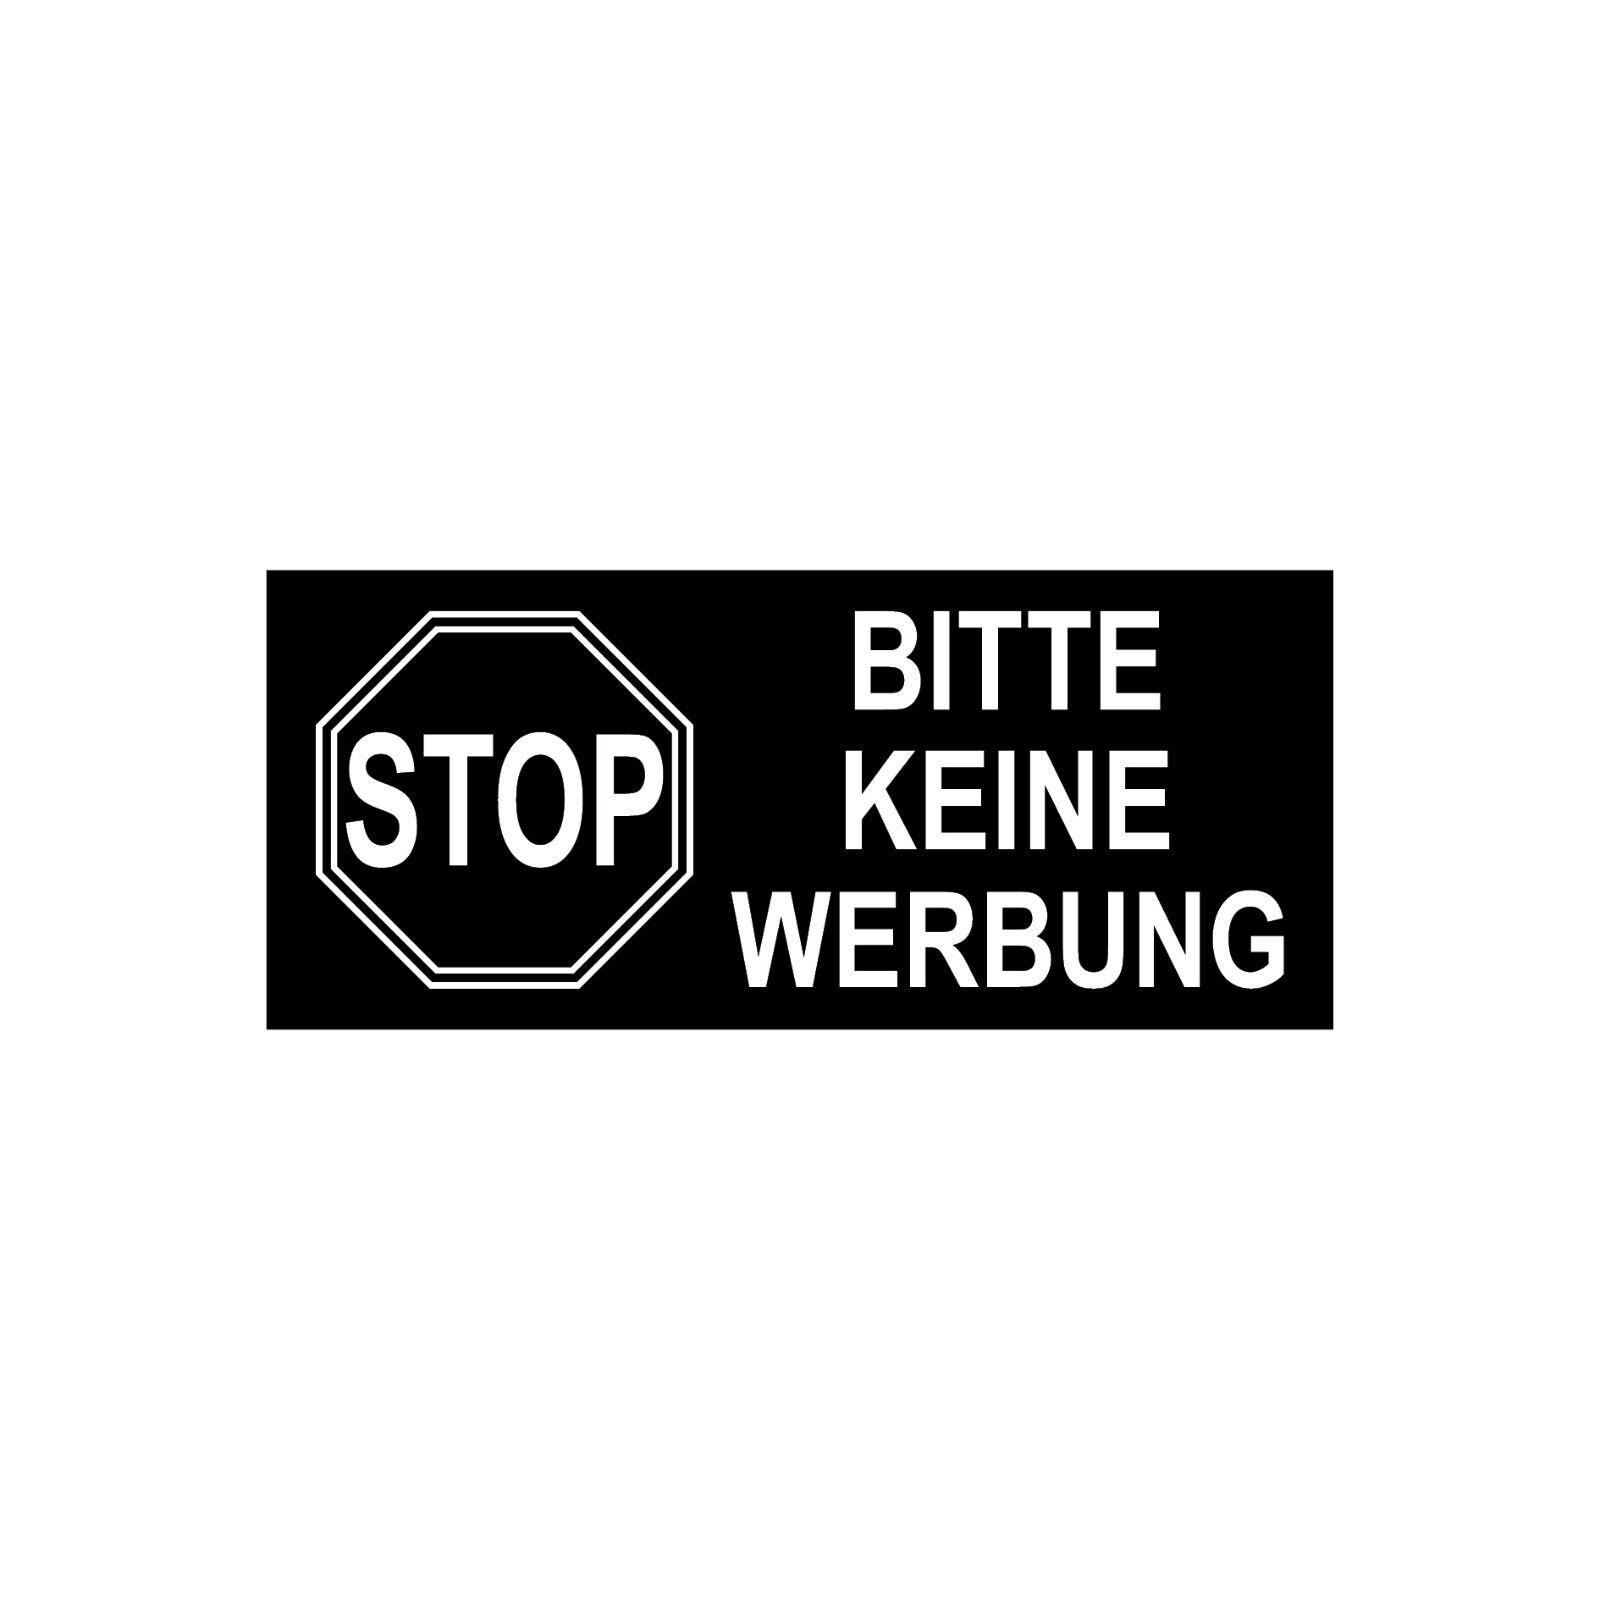 10 Aufkleber 6 5cm X 3cm Stop Bitte Keine Werbung Einwerfen Briefkasten Hinweis